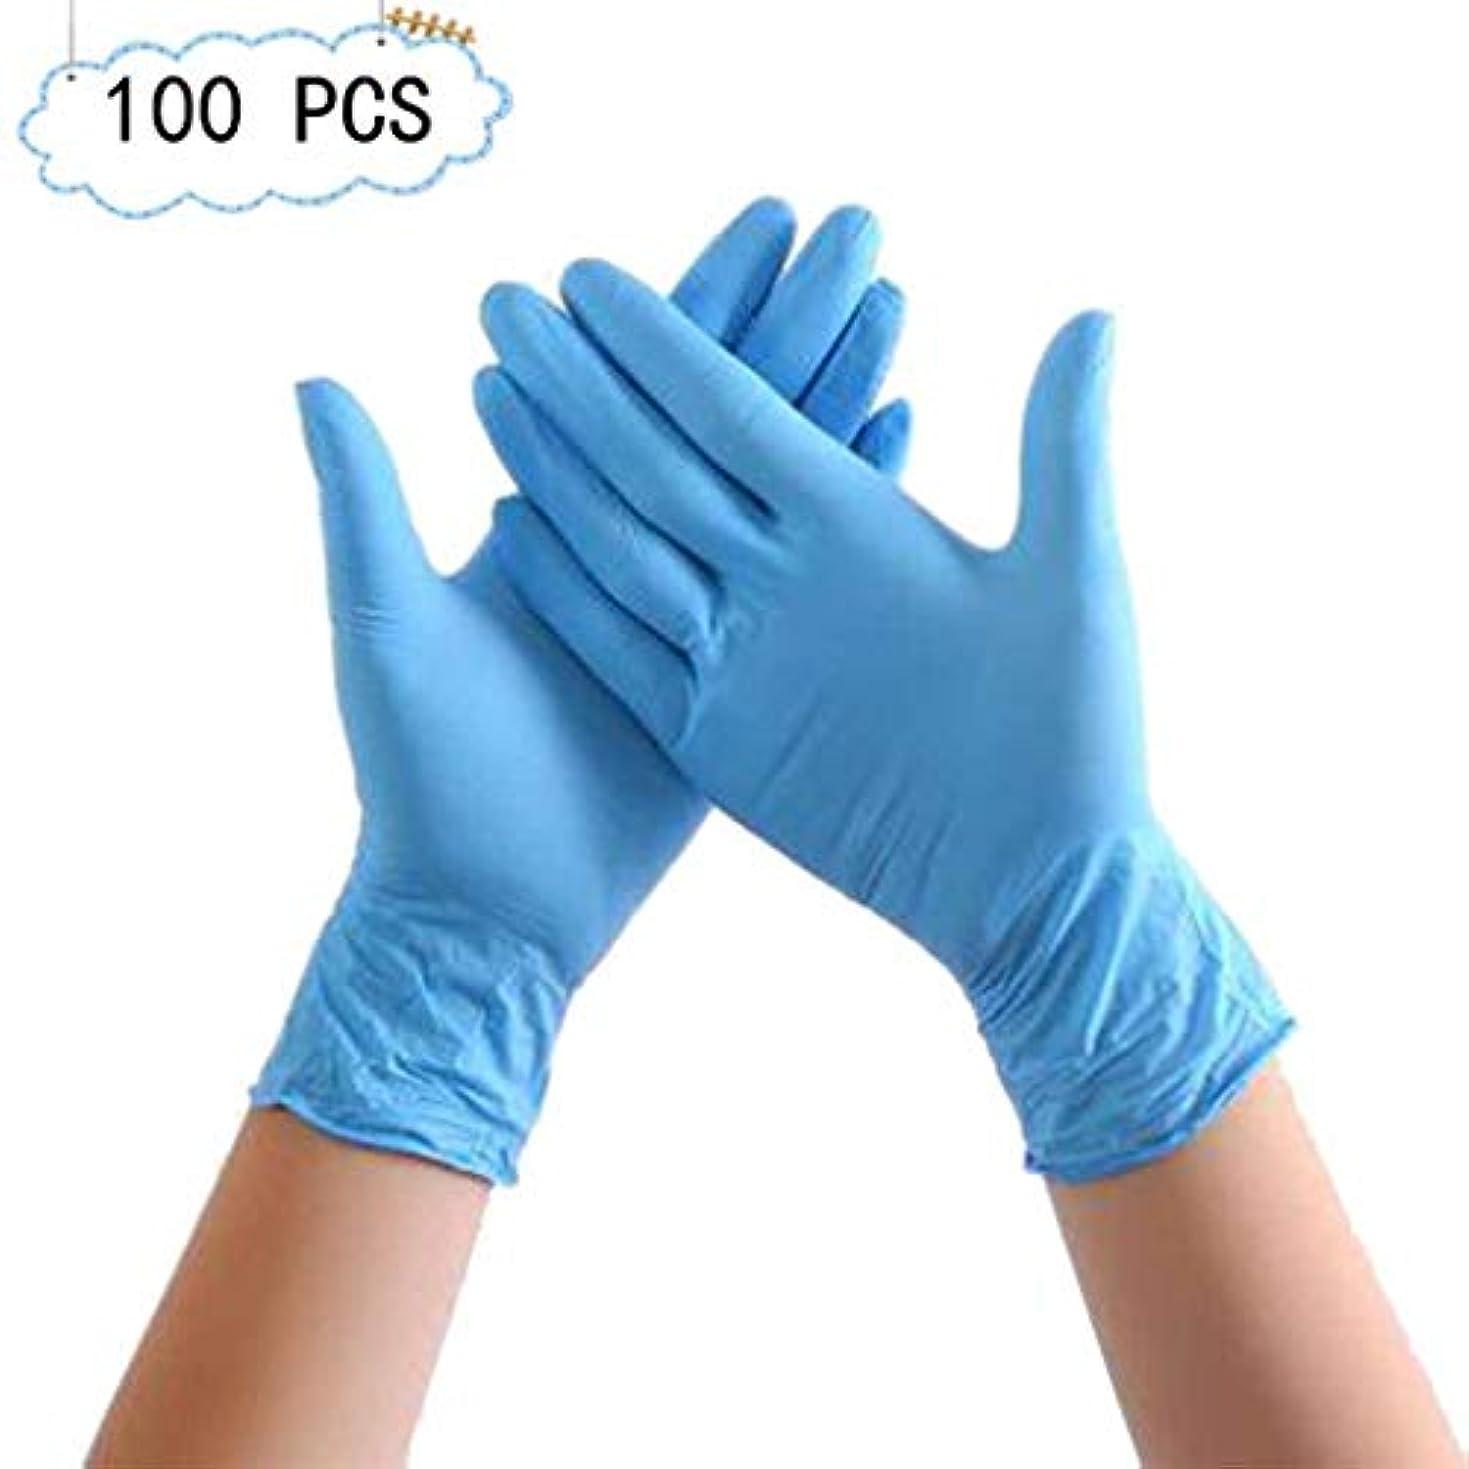 遵守するいたずら少数ニトリル手袋手袋9インチネイルアート検査保護実験、美容院ラテックスフリー、パウダーフリー、100個 (Color : Blue, Size : L)